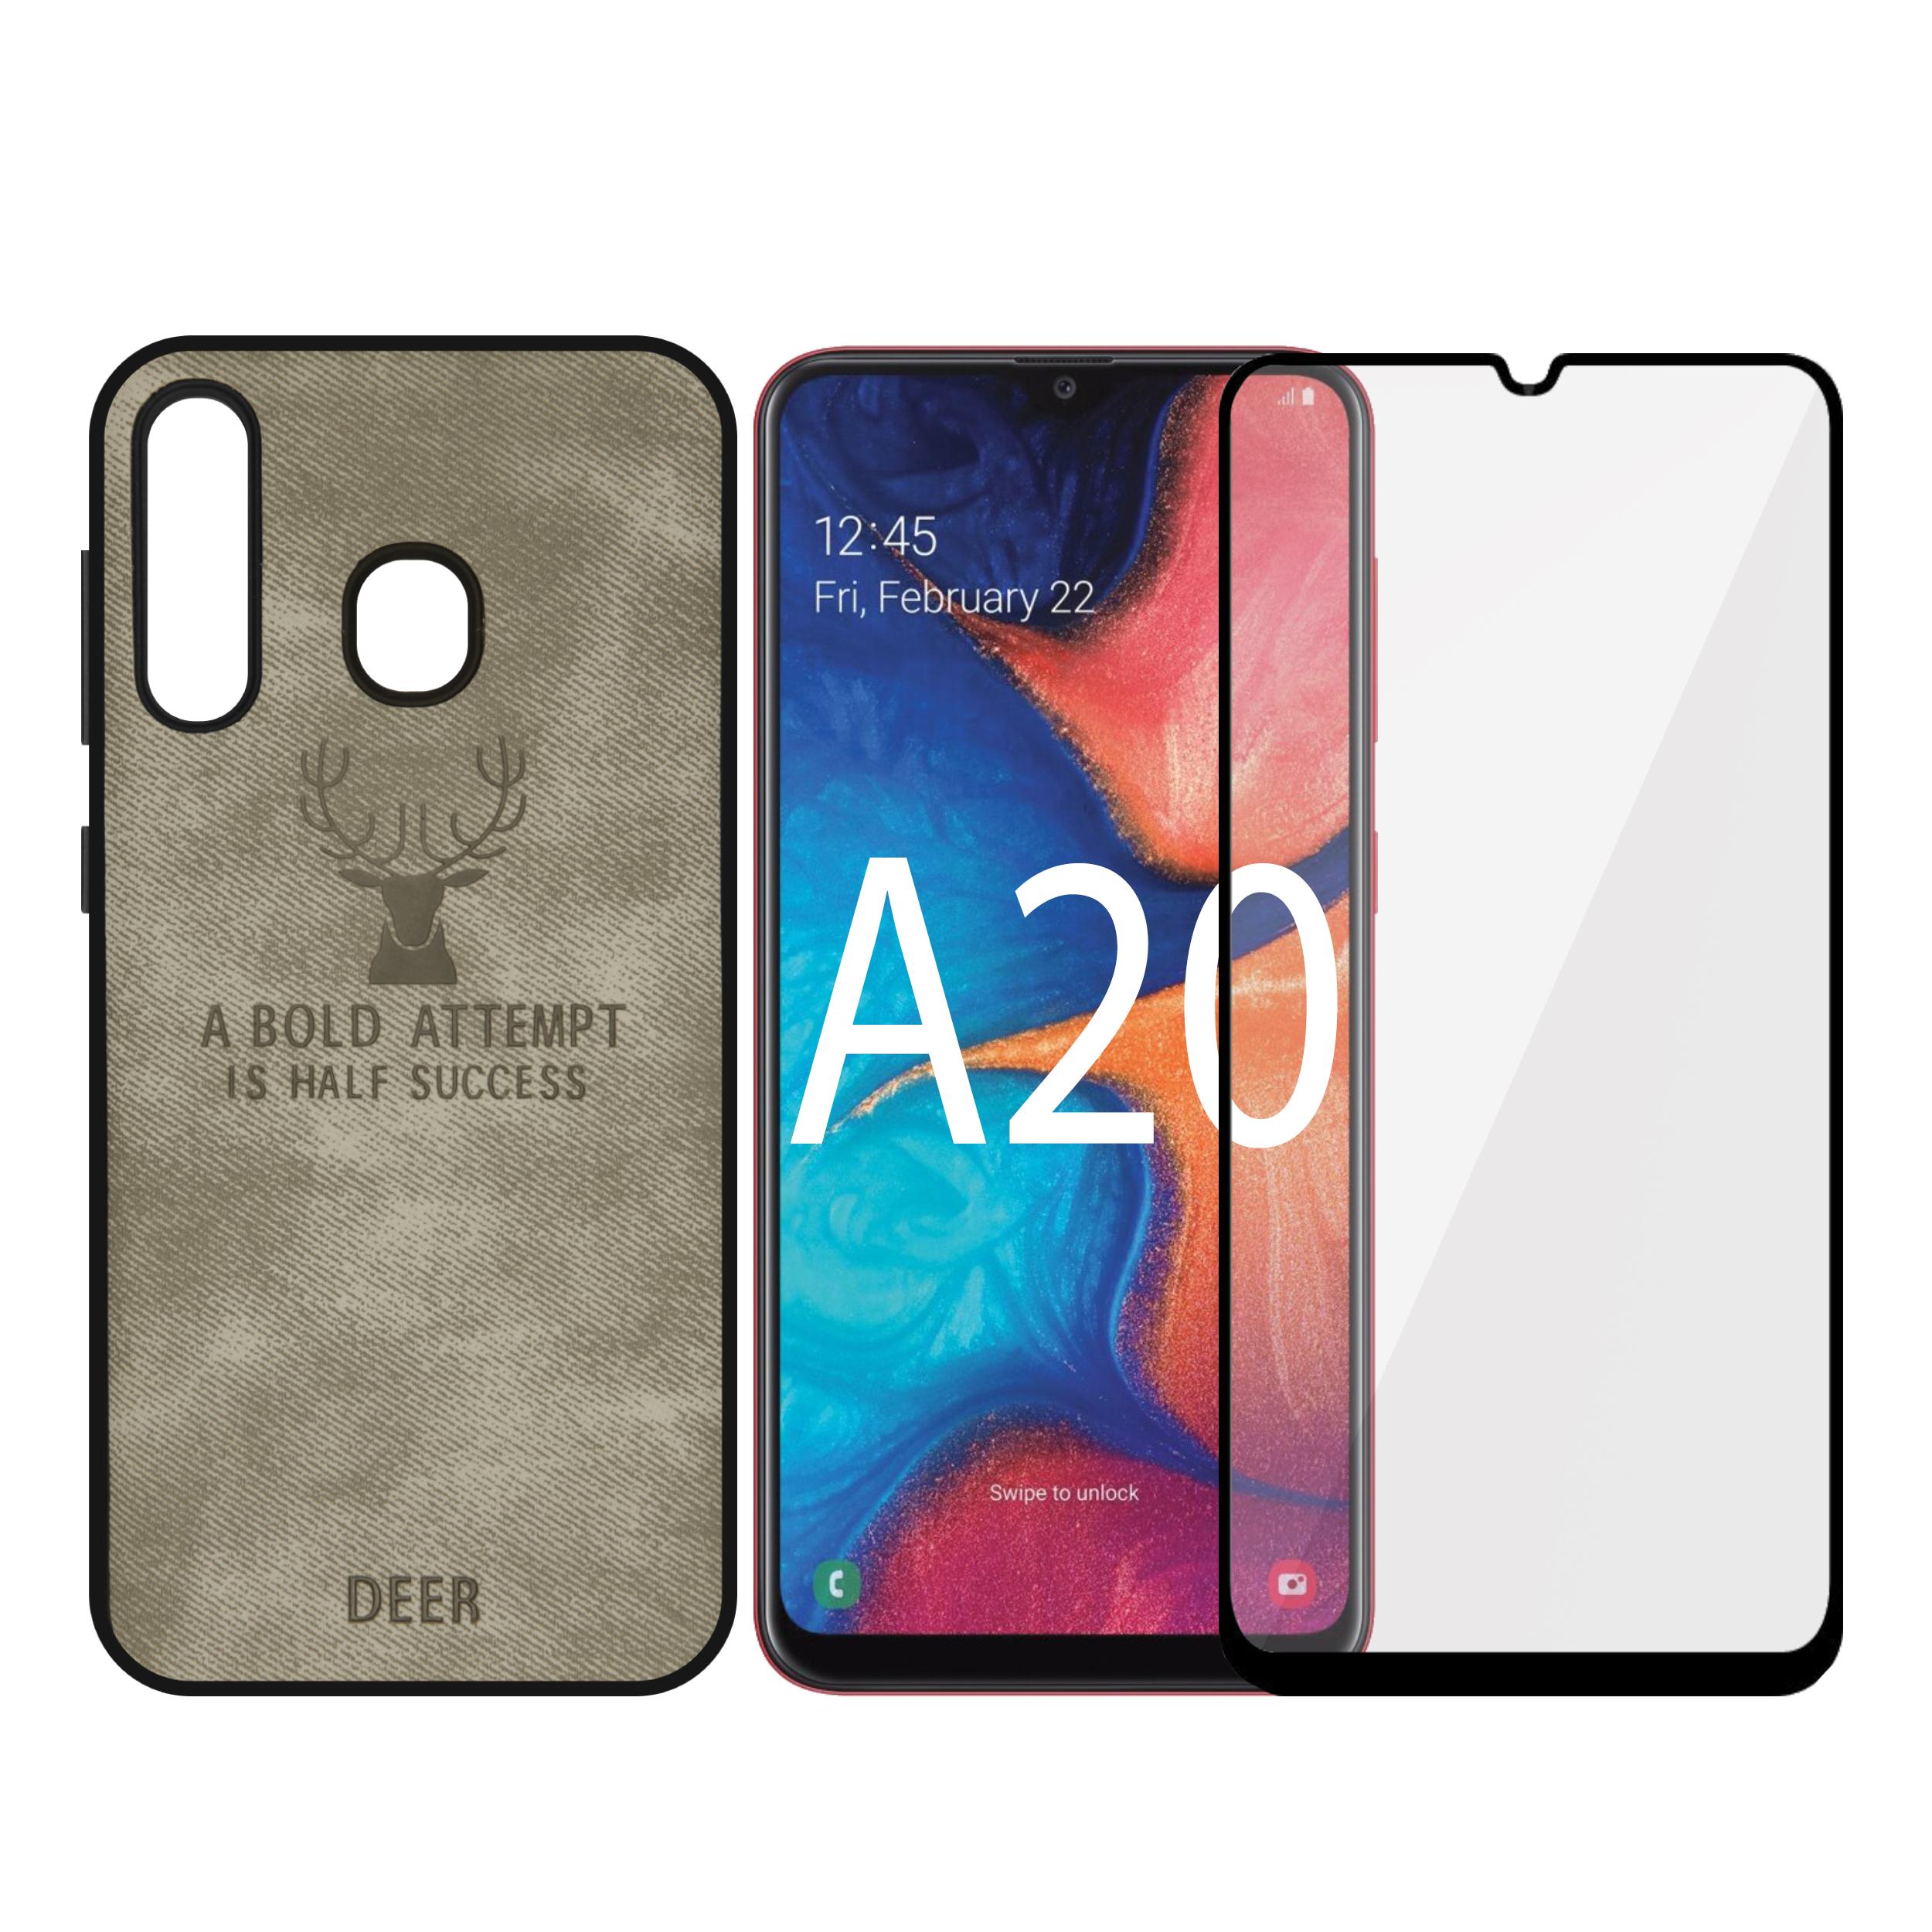 کاور سومگ مدل SMG-CG مناسب برای گوشی موبایل سامسونگ Galaxy A20 به همراه محافظ صفحه نمایش              ( قیمت و خرید)